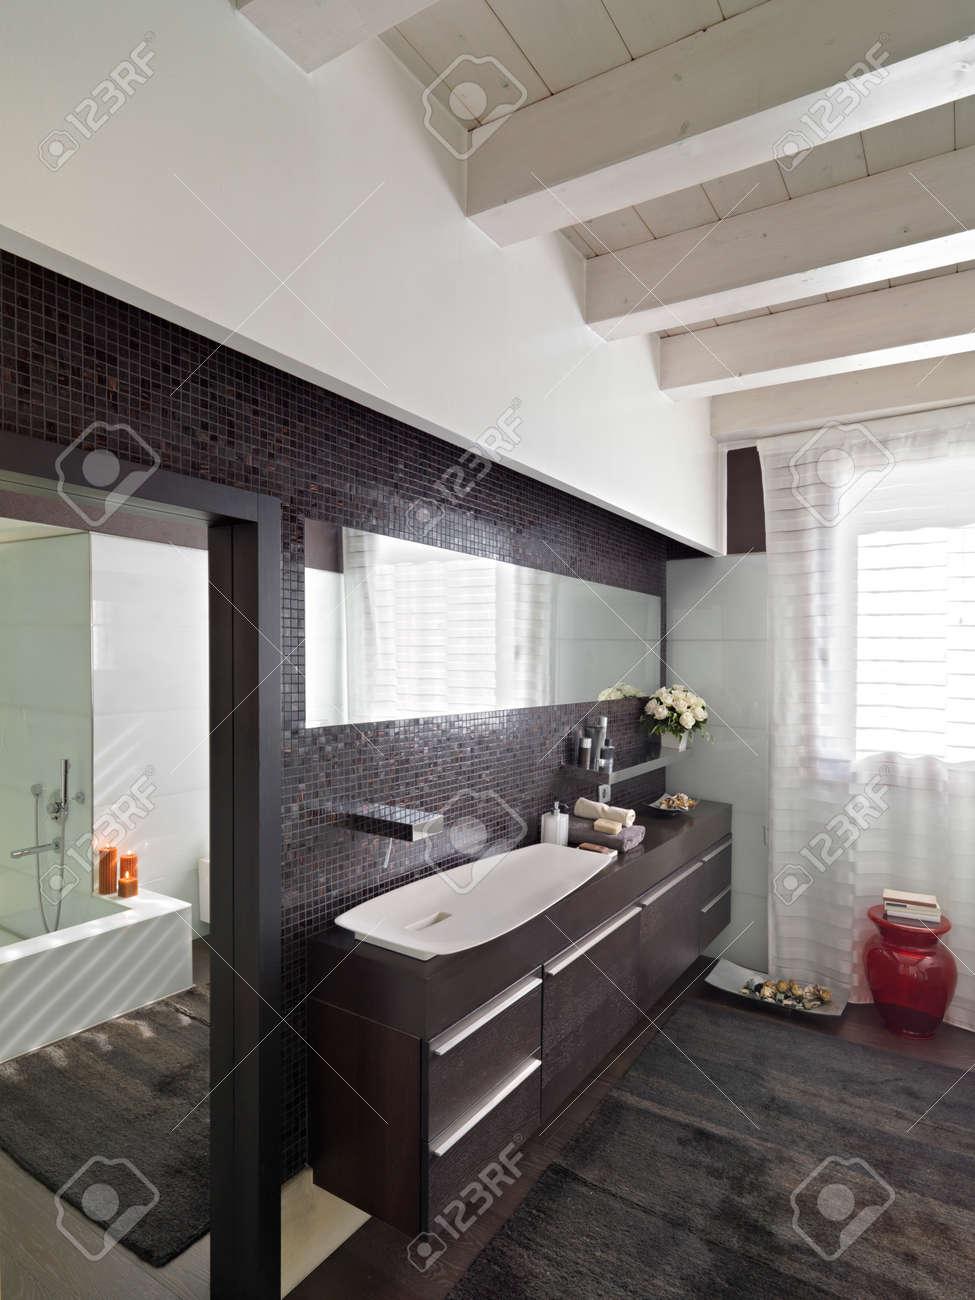 Holzmöbel Von Einem Modernen Badezimmer Mit Holzboden Und Holzdecke ...